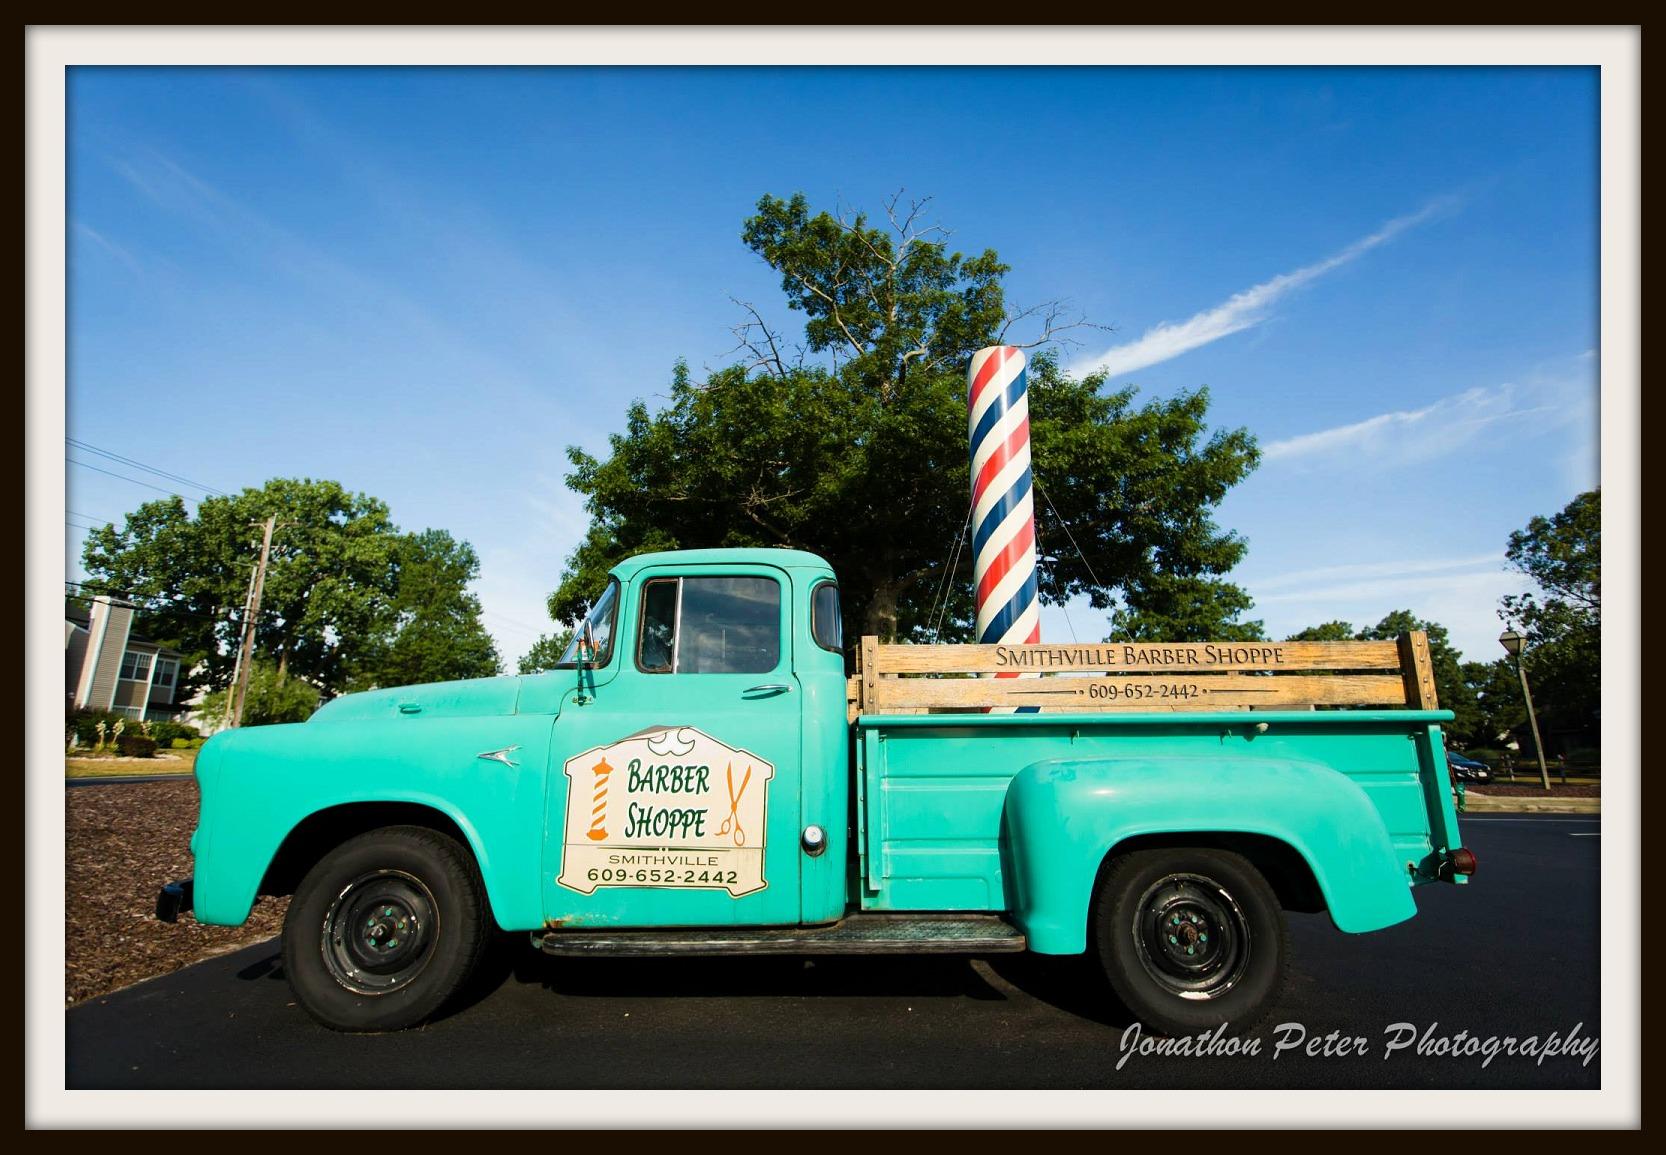 Smithville Barber Shoppe